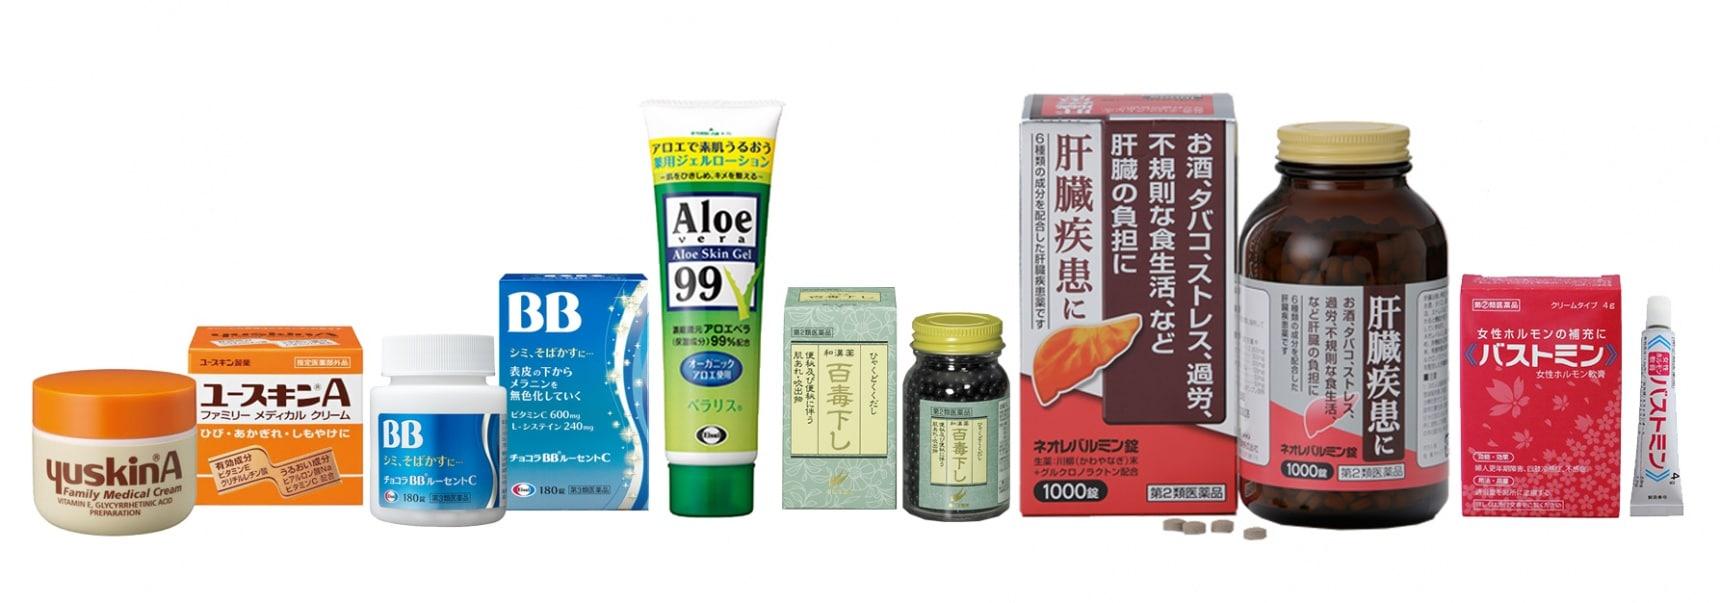 由久住日本的华人推荐的6种日本神药!